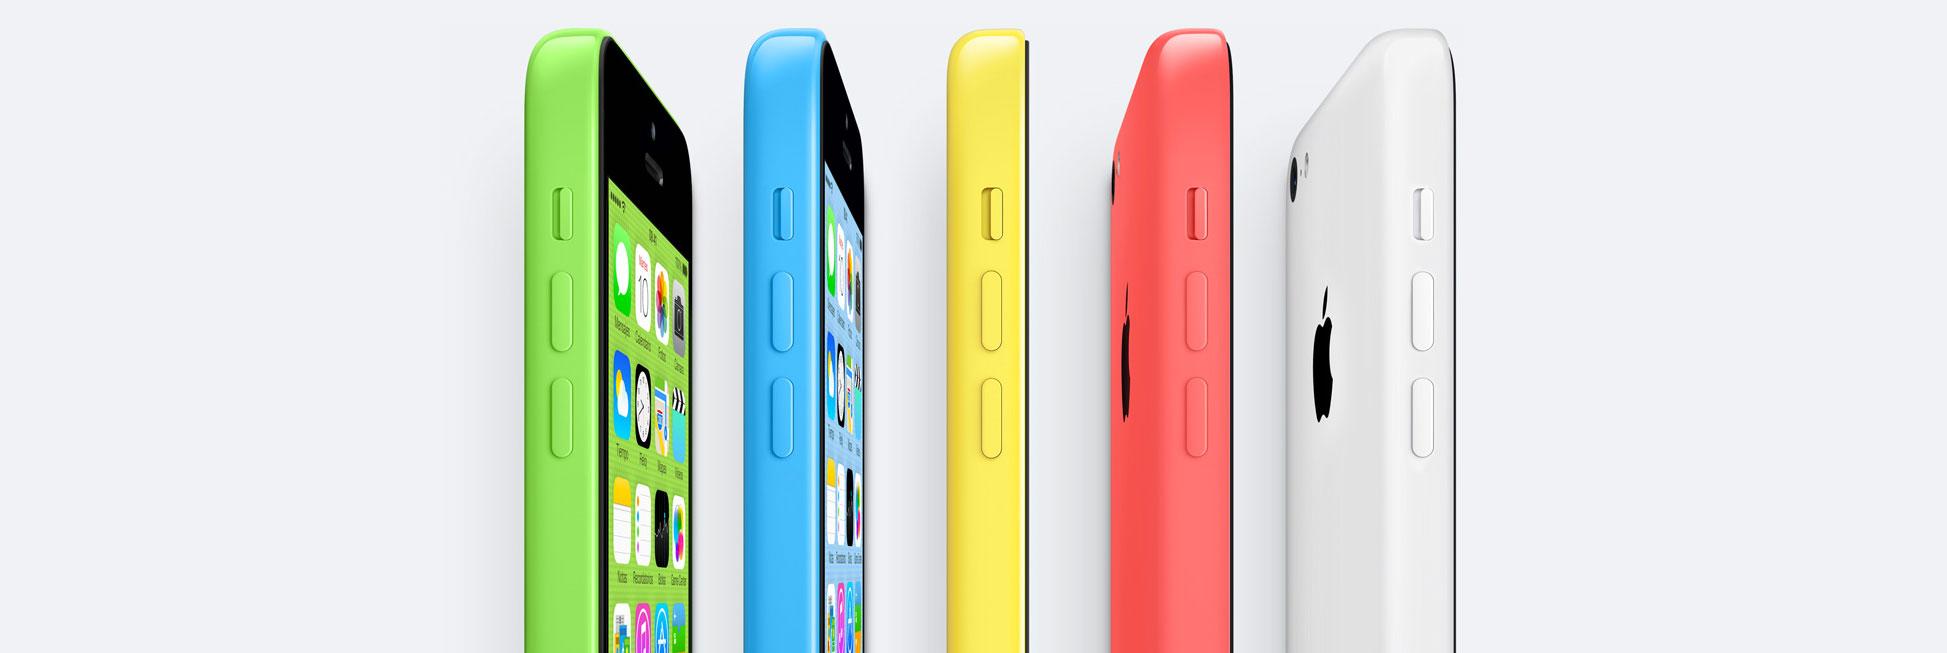 iphone 5C jailbreak iPhone 5C